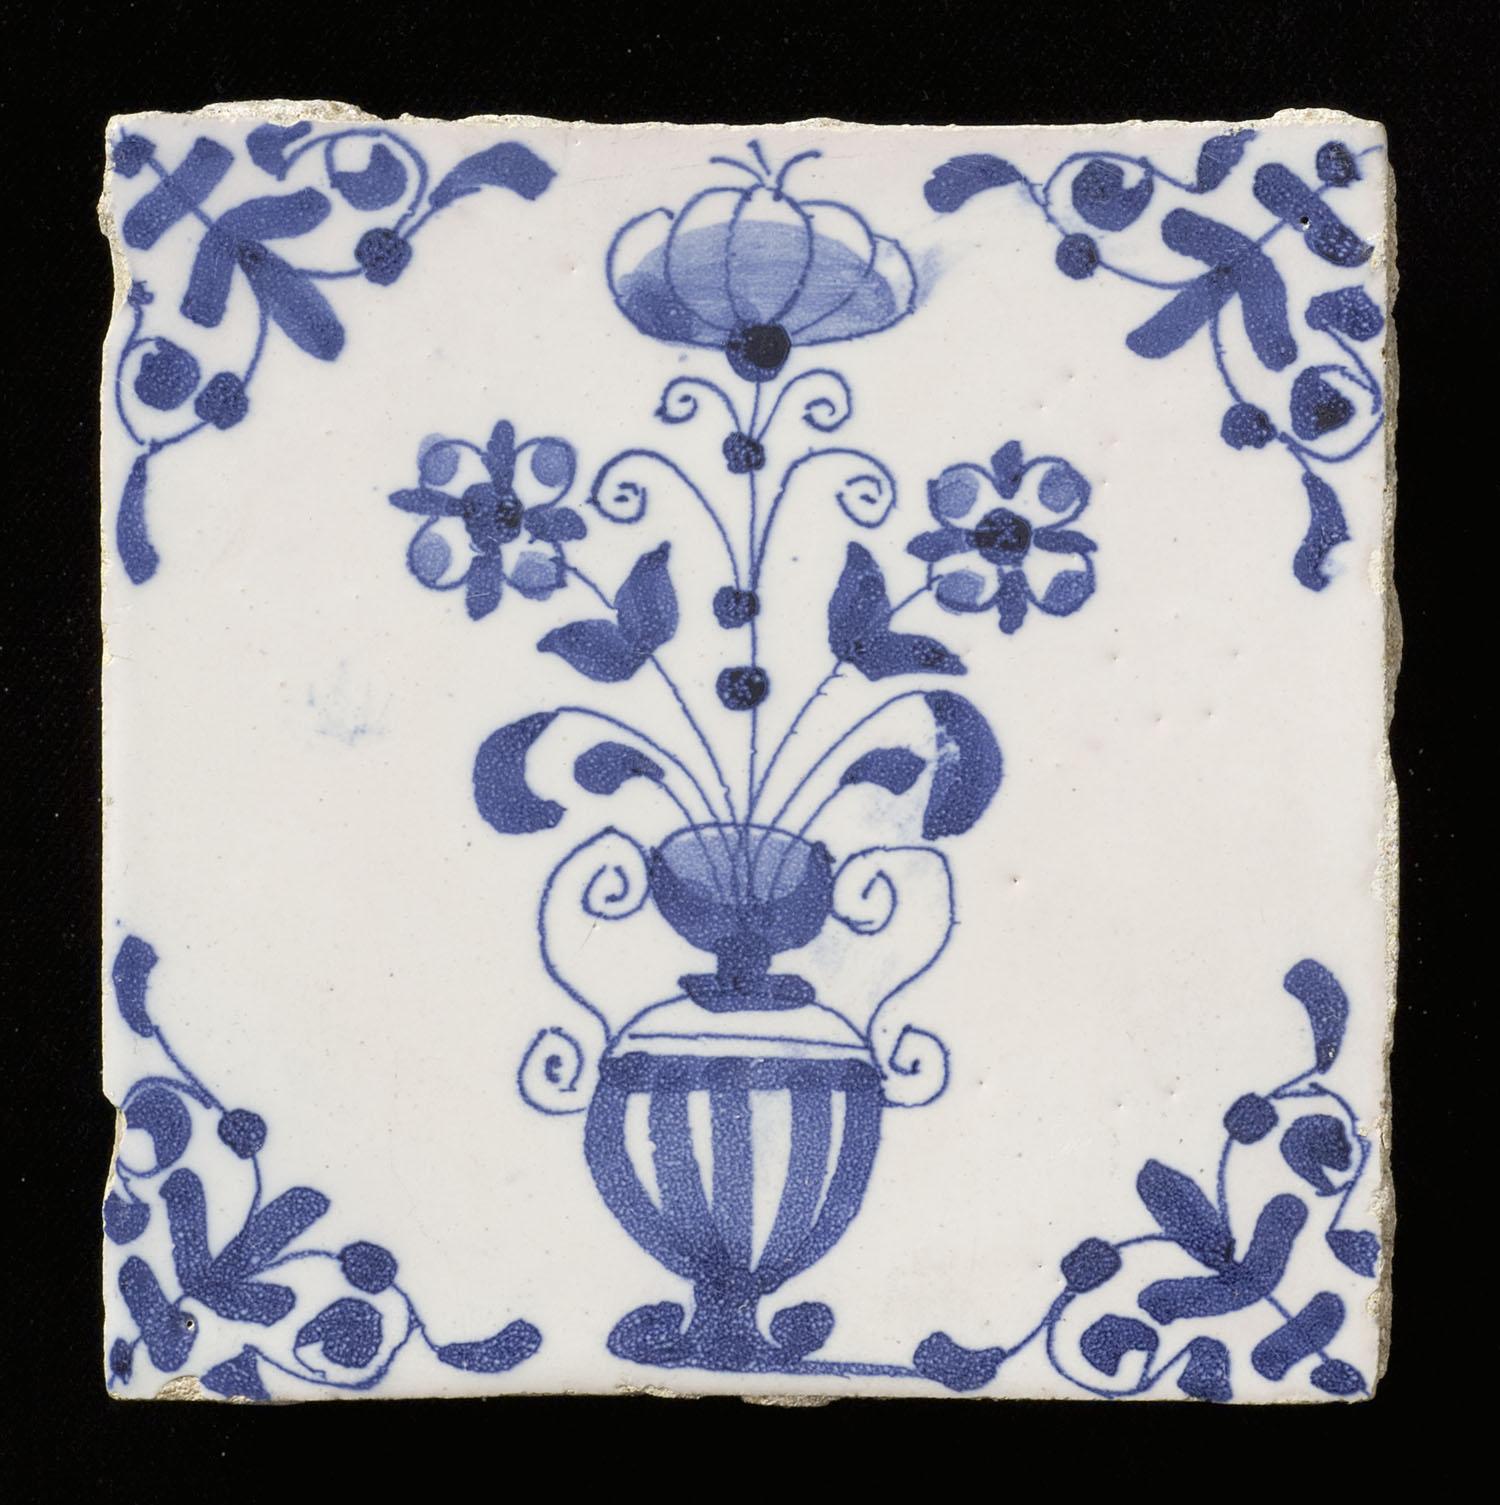 Tegel van aardewerk met tinglazuur voorstellende een for Tichelaar makkum tegels